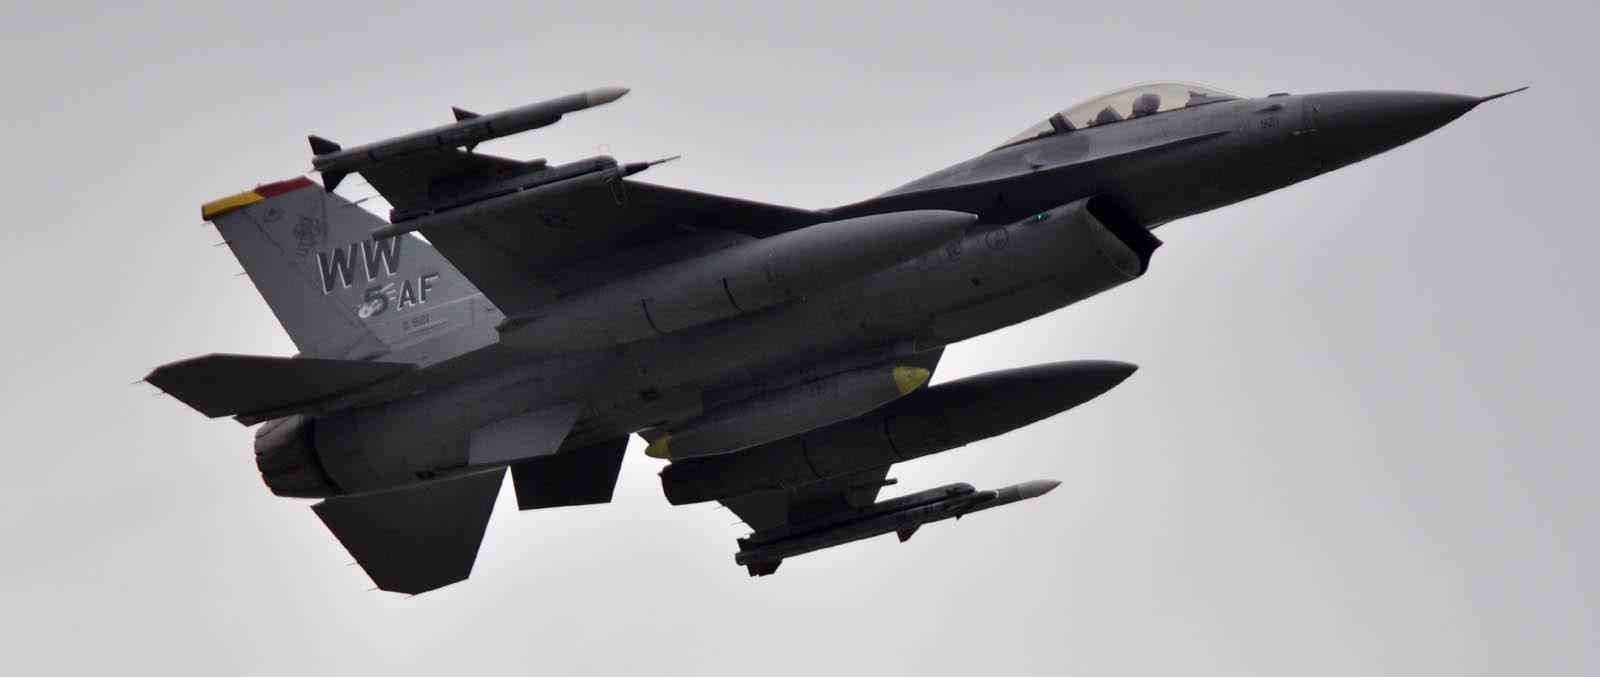 F16cj120419g250